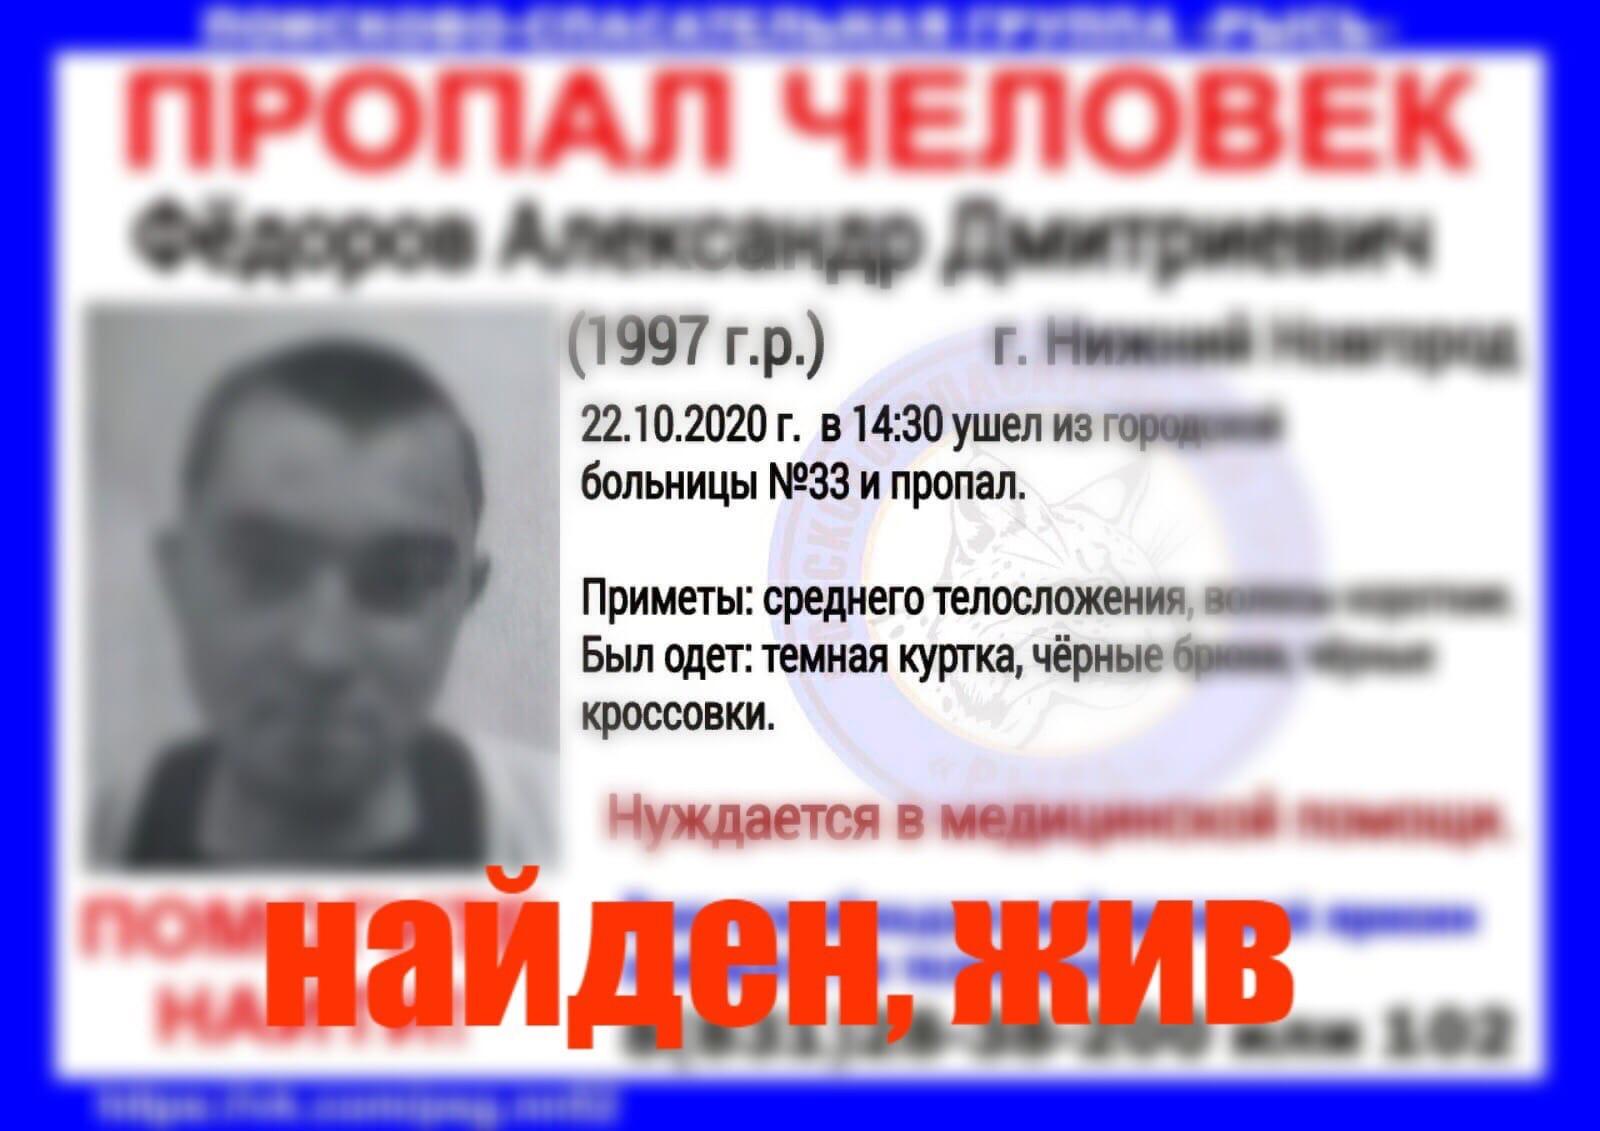 Фёдоров Александр Дмитриевич, 1997 г.р., г. Нижний Новгород